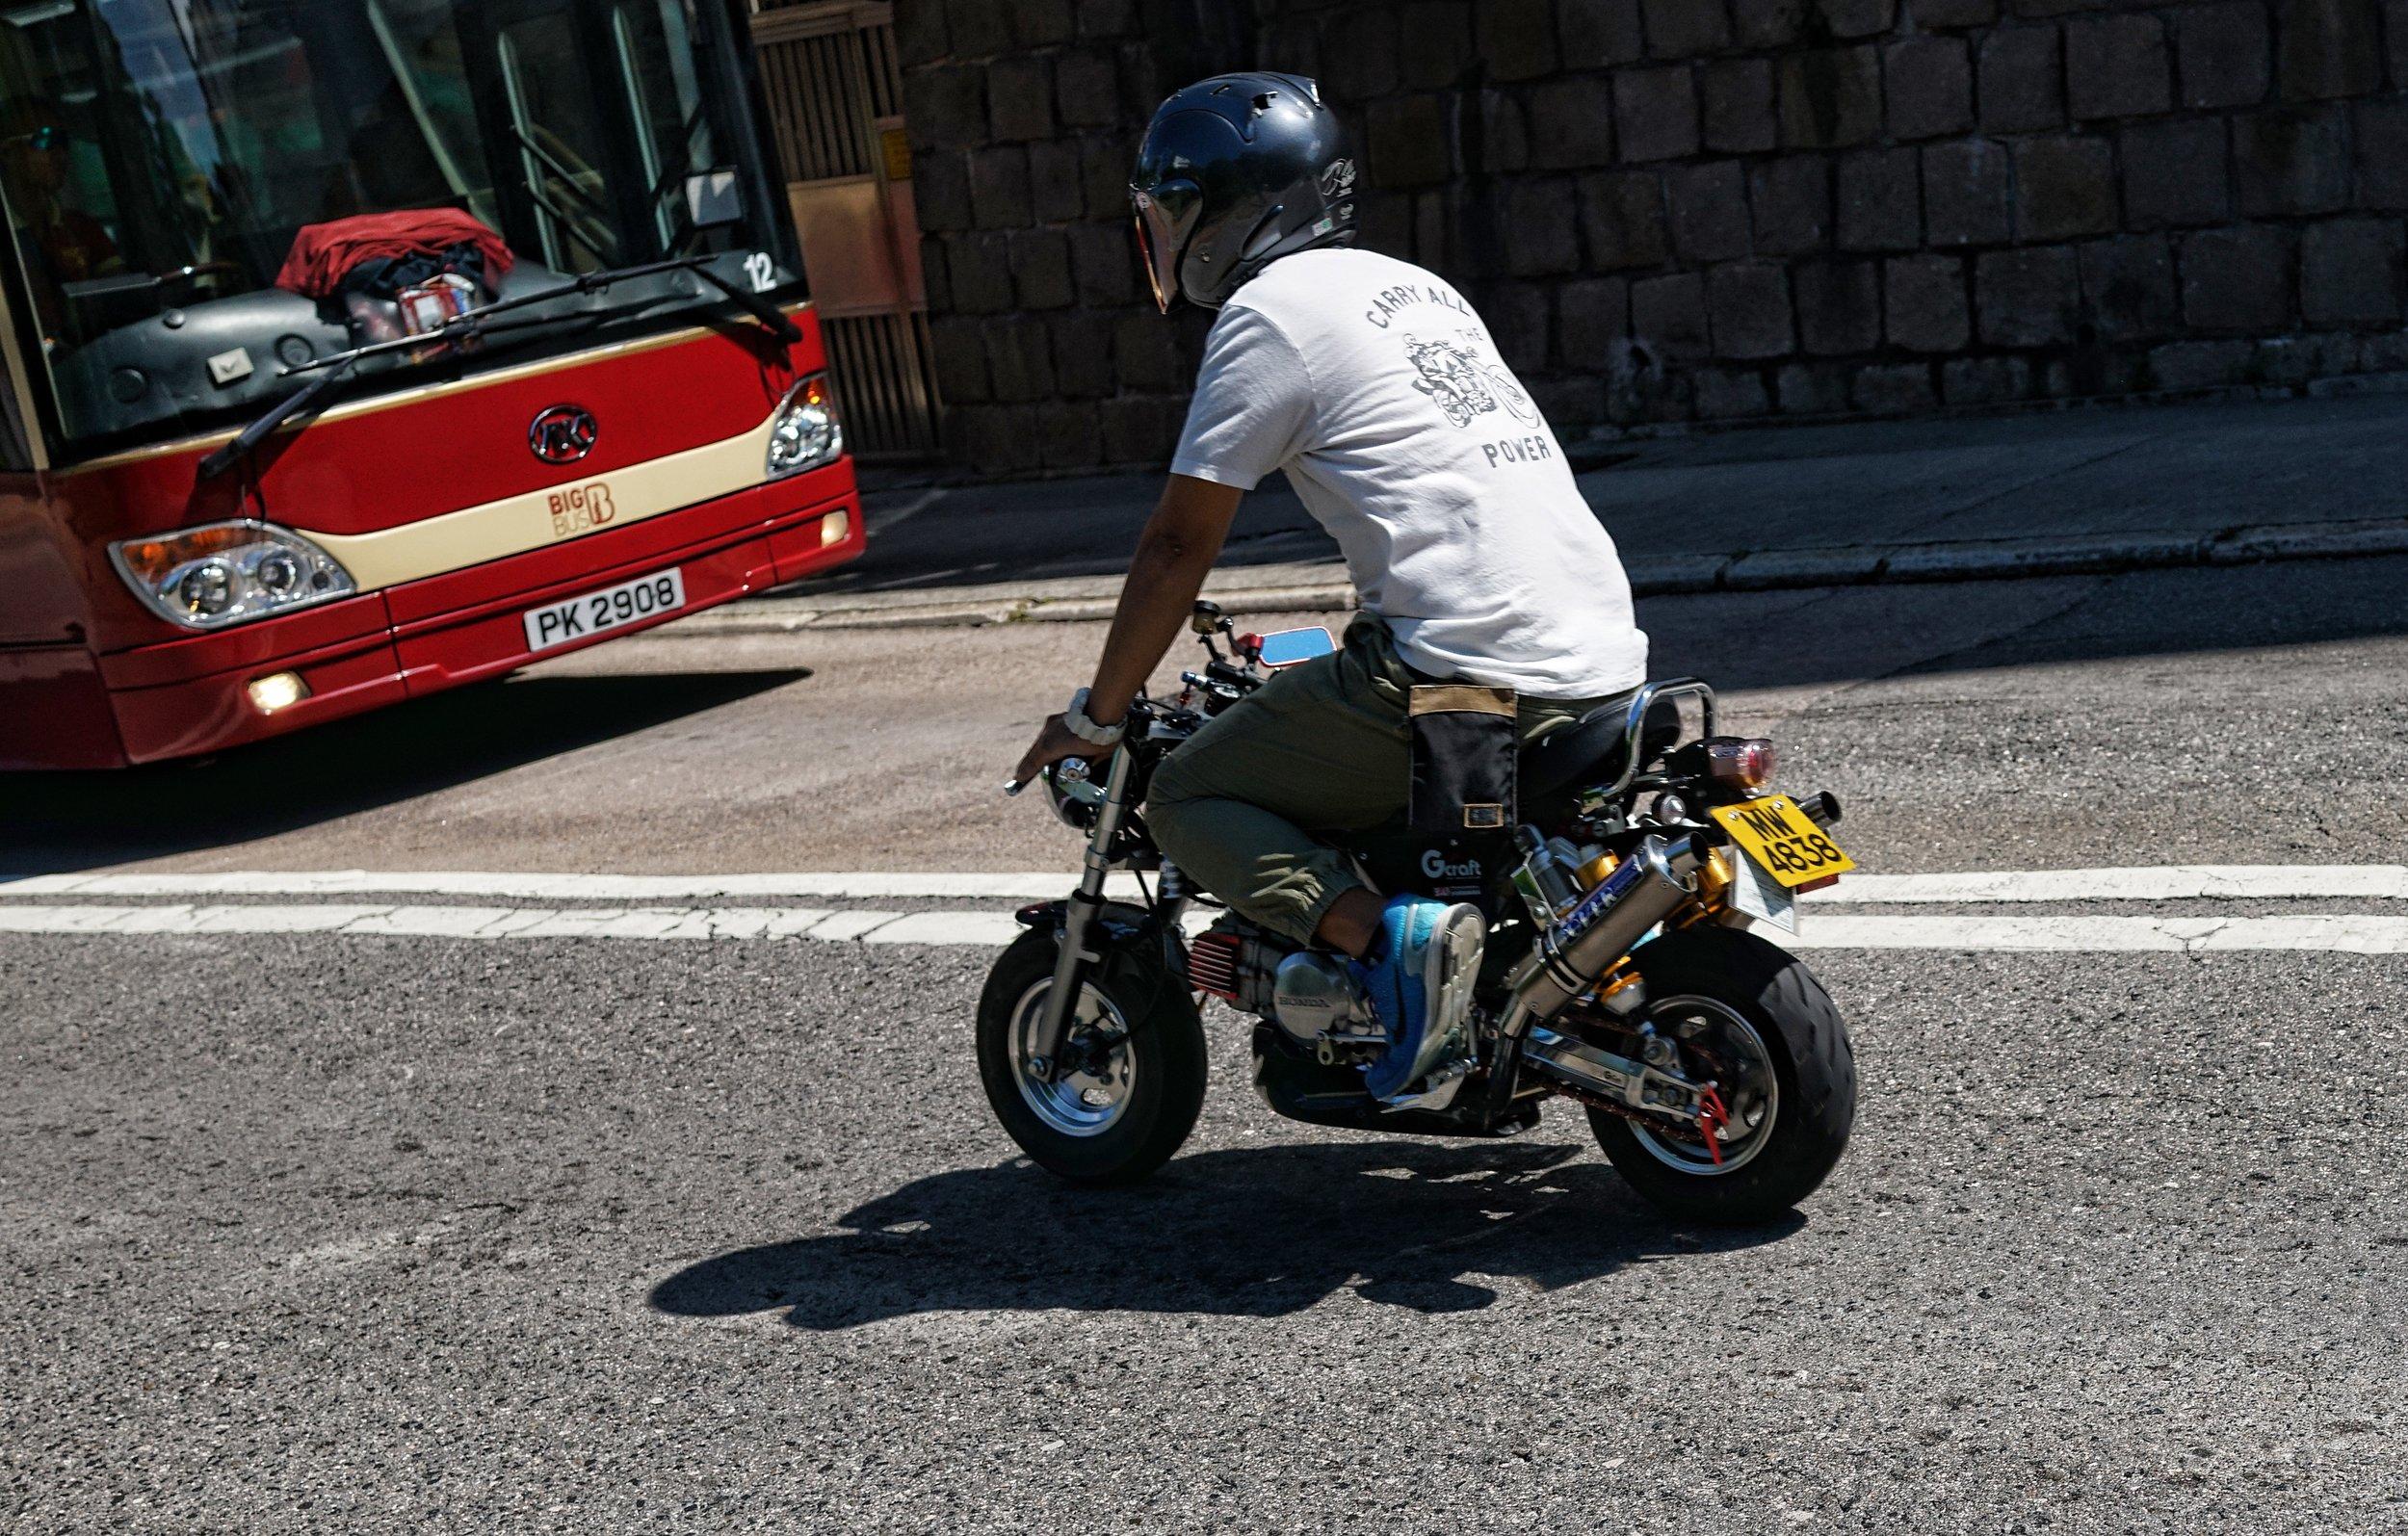 Motorbikes in Hong Kong (1427).JPG